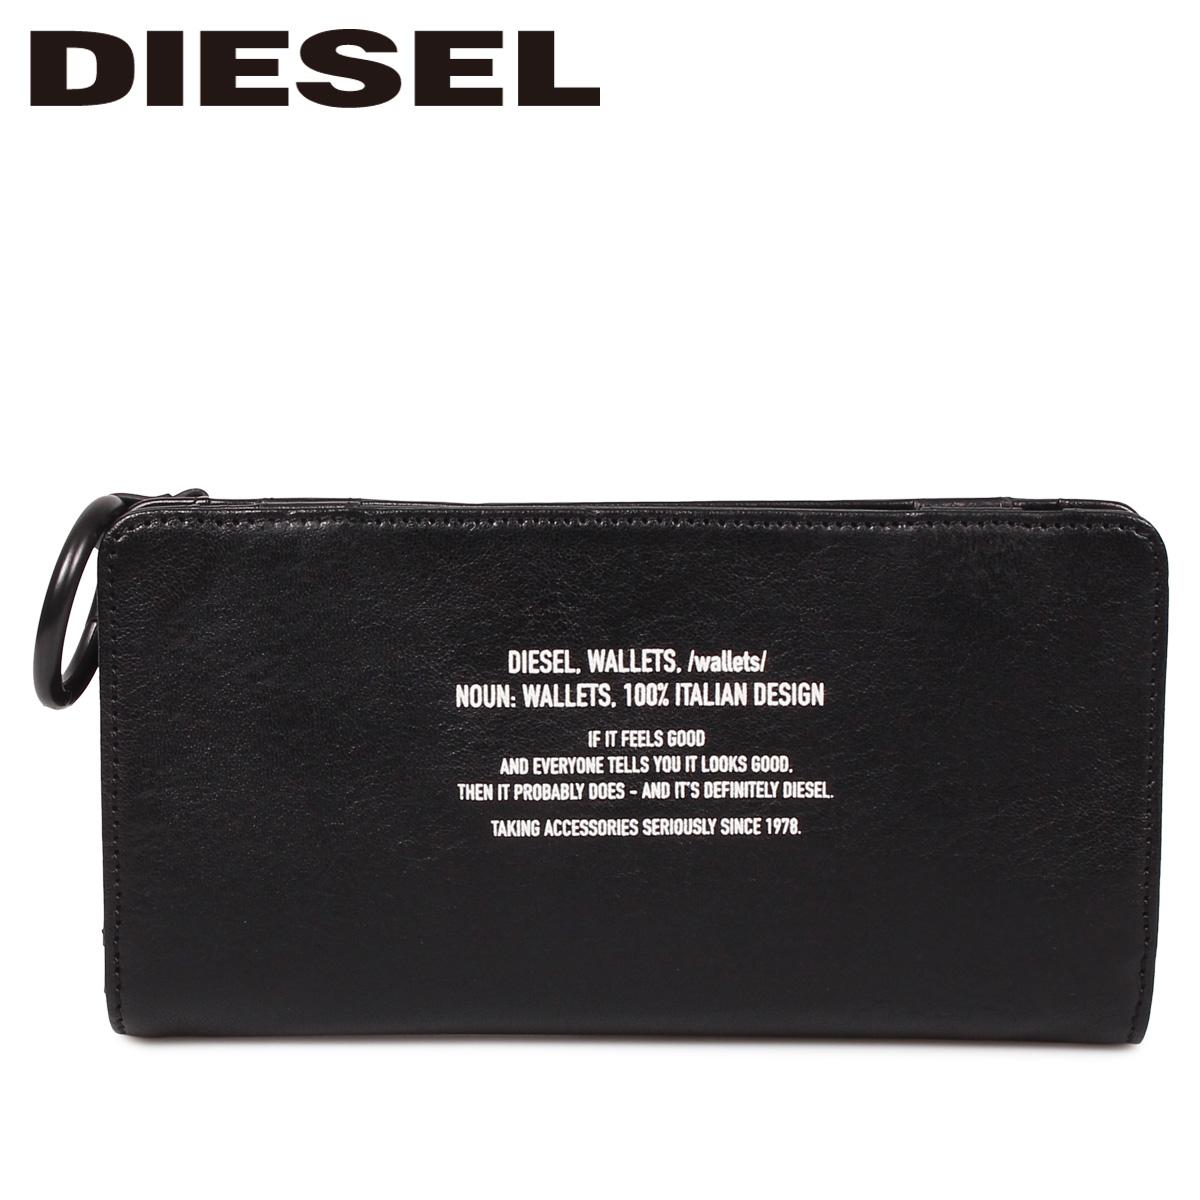 DIESEL ディーゼル 財布 長財布 メンズ L字ファスナー 本革 BANDER V-24 ZIP ブラック 黒 X06293 PS142